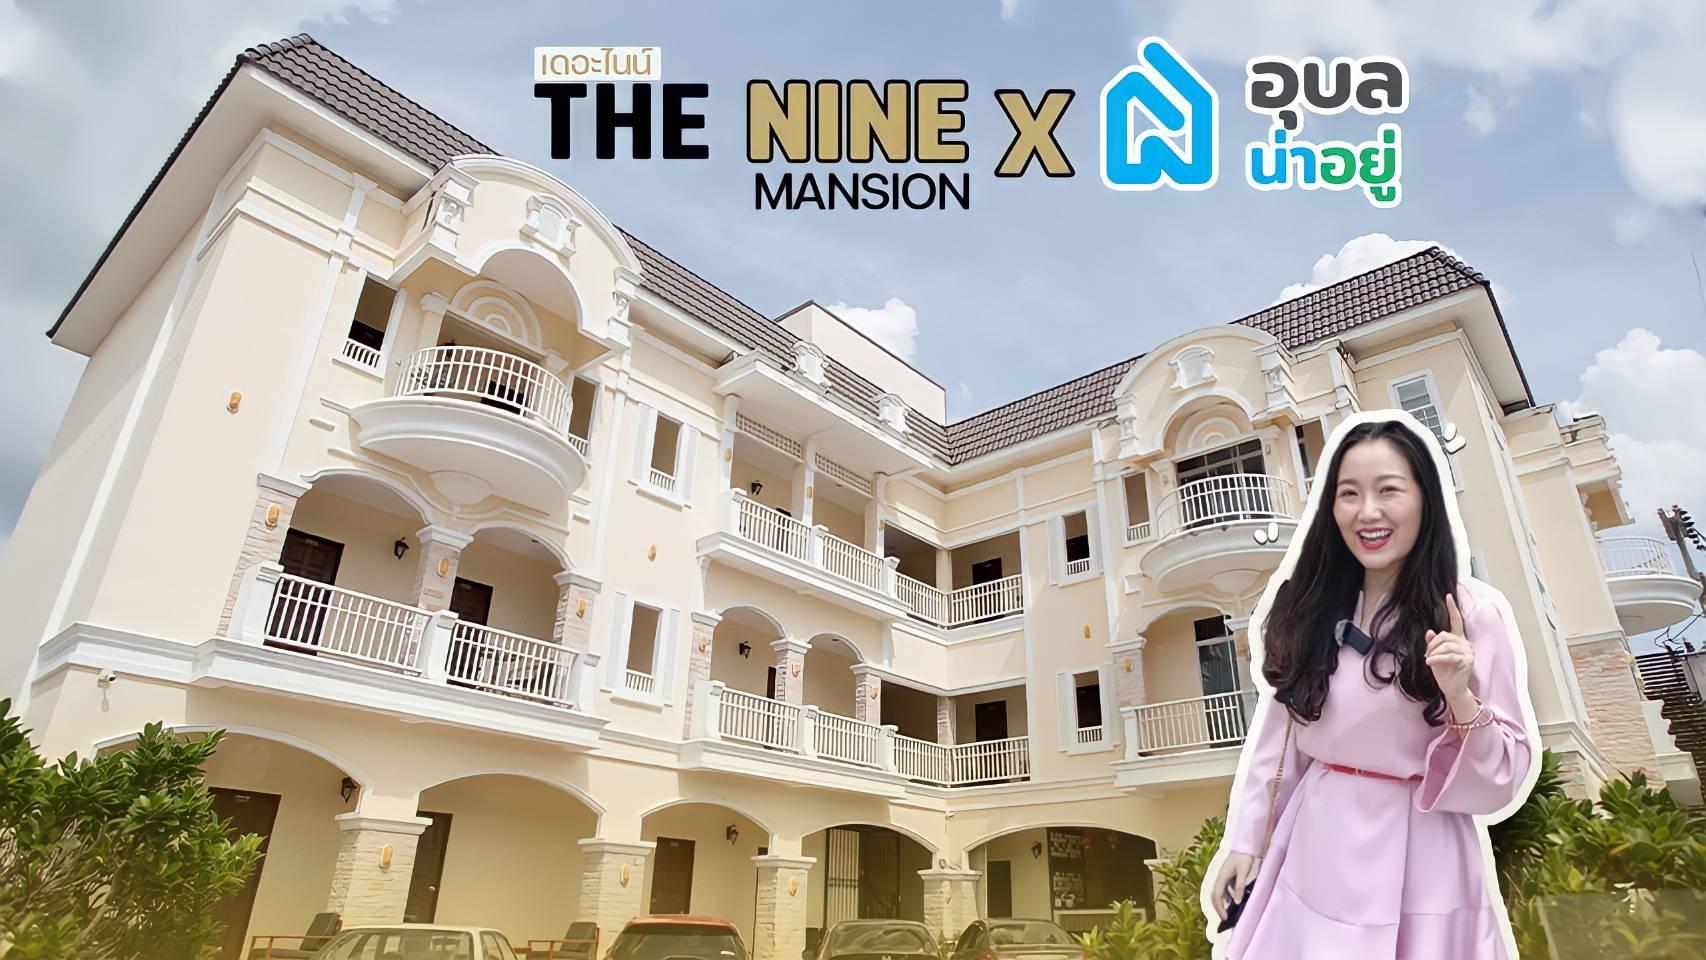 (รีวิวหอพักอุบล) The Nine Mansion หอพัก พร้อมอยู่ ใจกลางเมืองอุบลฯ